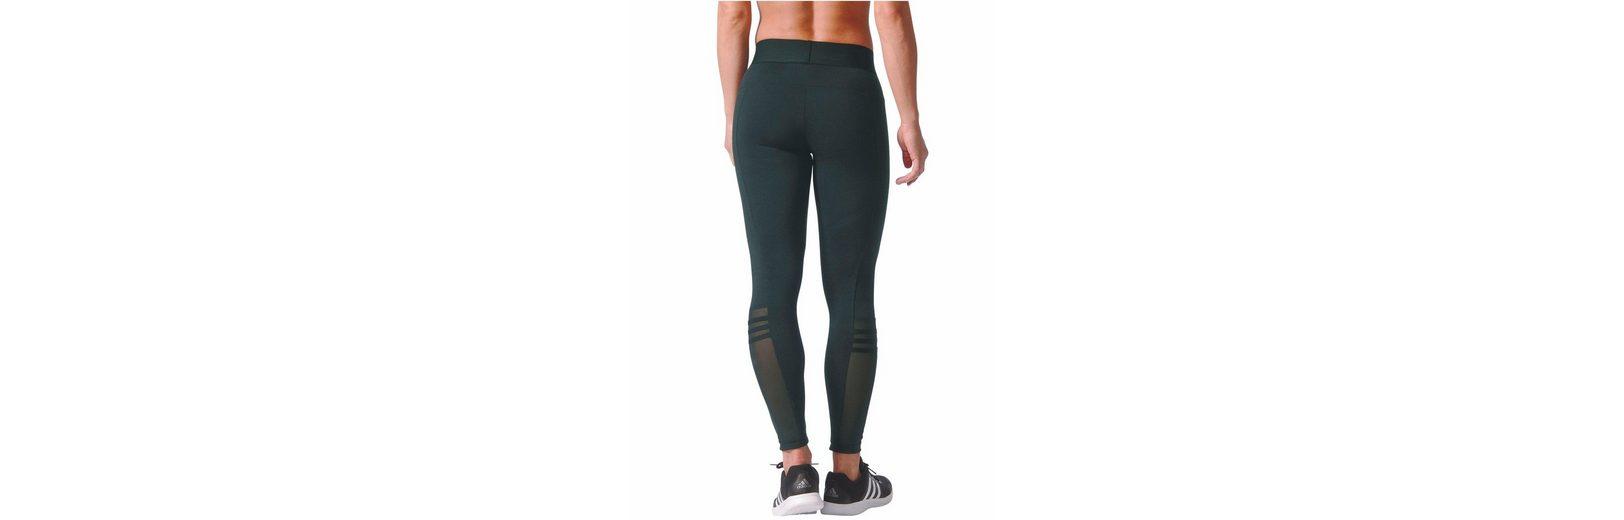 Bestellen Günstig Online Frei Für Verkauf adidas Performance Leggings TAKEOVER TIGHT qm4RoAF5